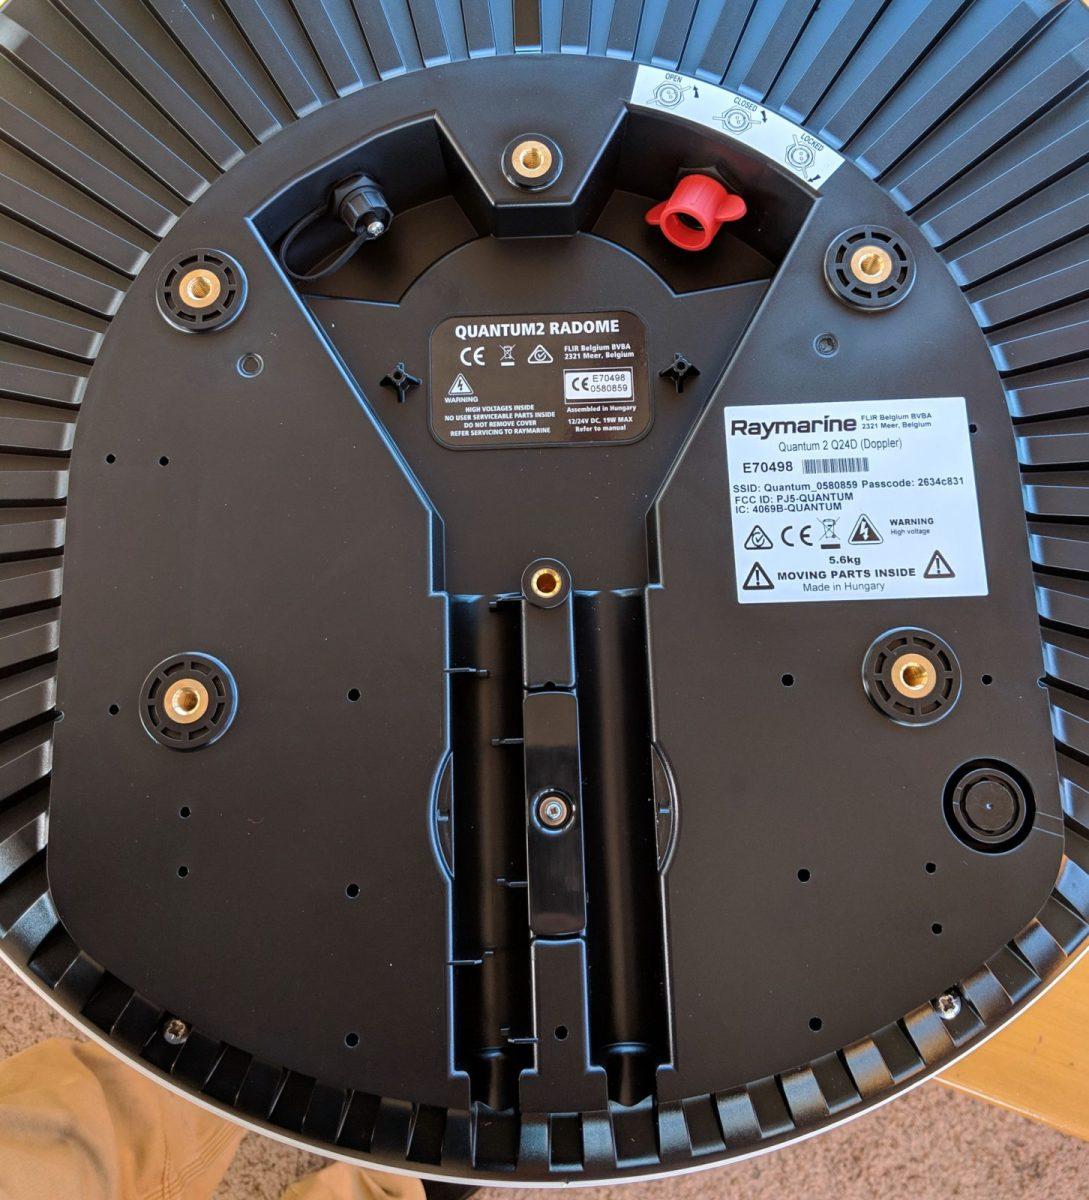 Raymarine Quantum 2 radar underside